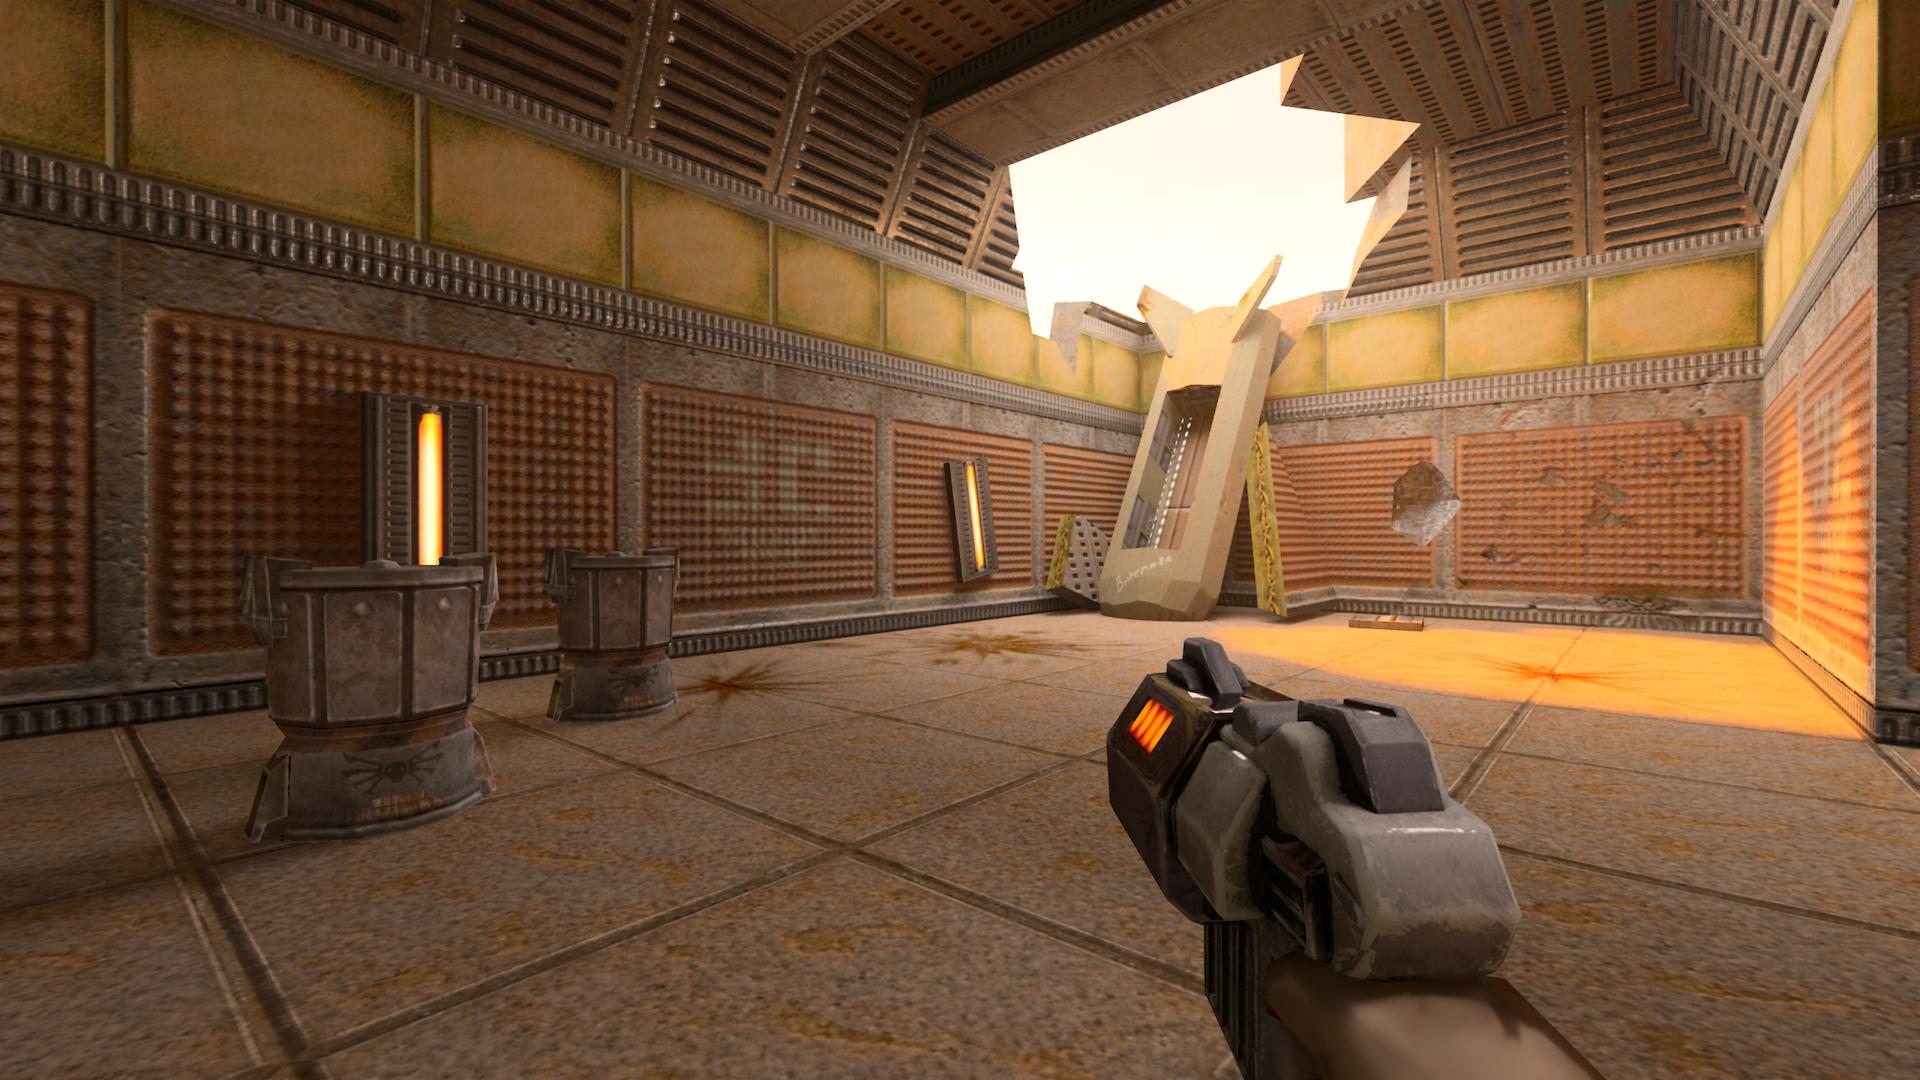 Pourquoi Nvidia va rendre compatible « ray tracing » encore plus de vieux jeux vidéo